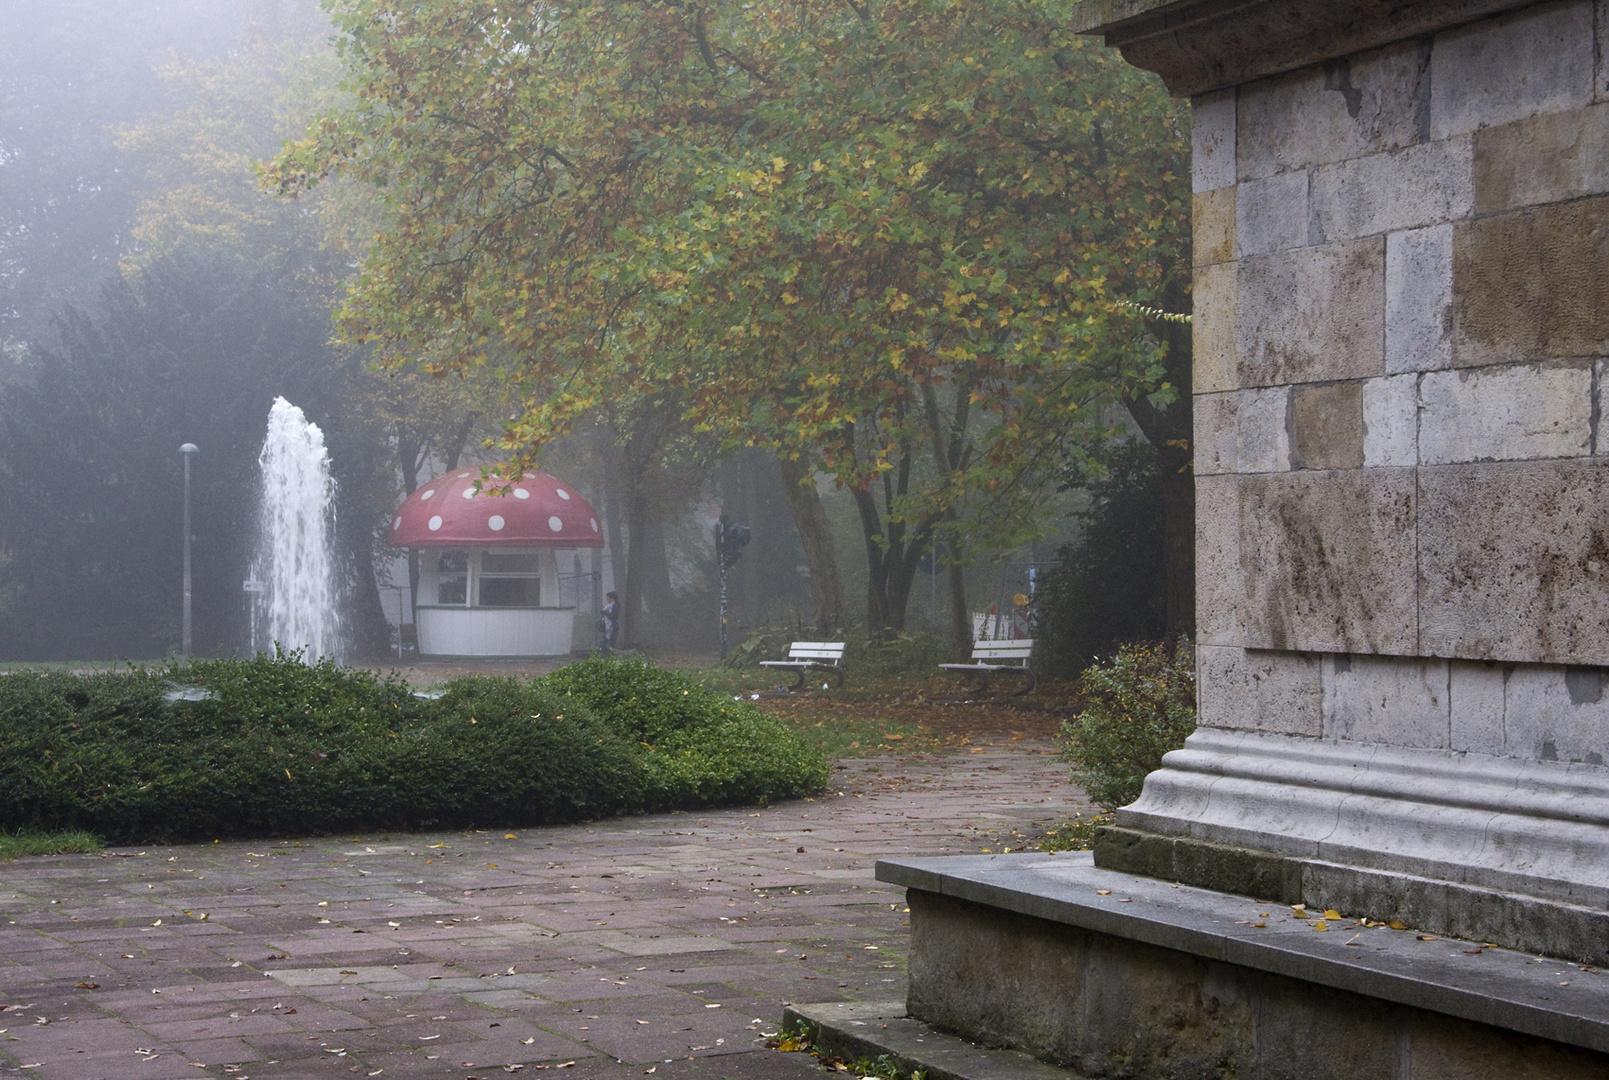 Pilzsaison in Regensburg